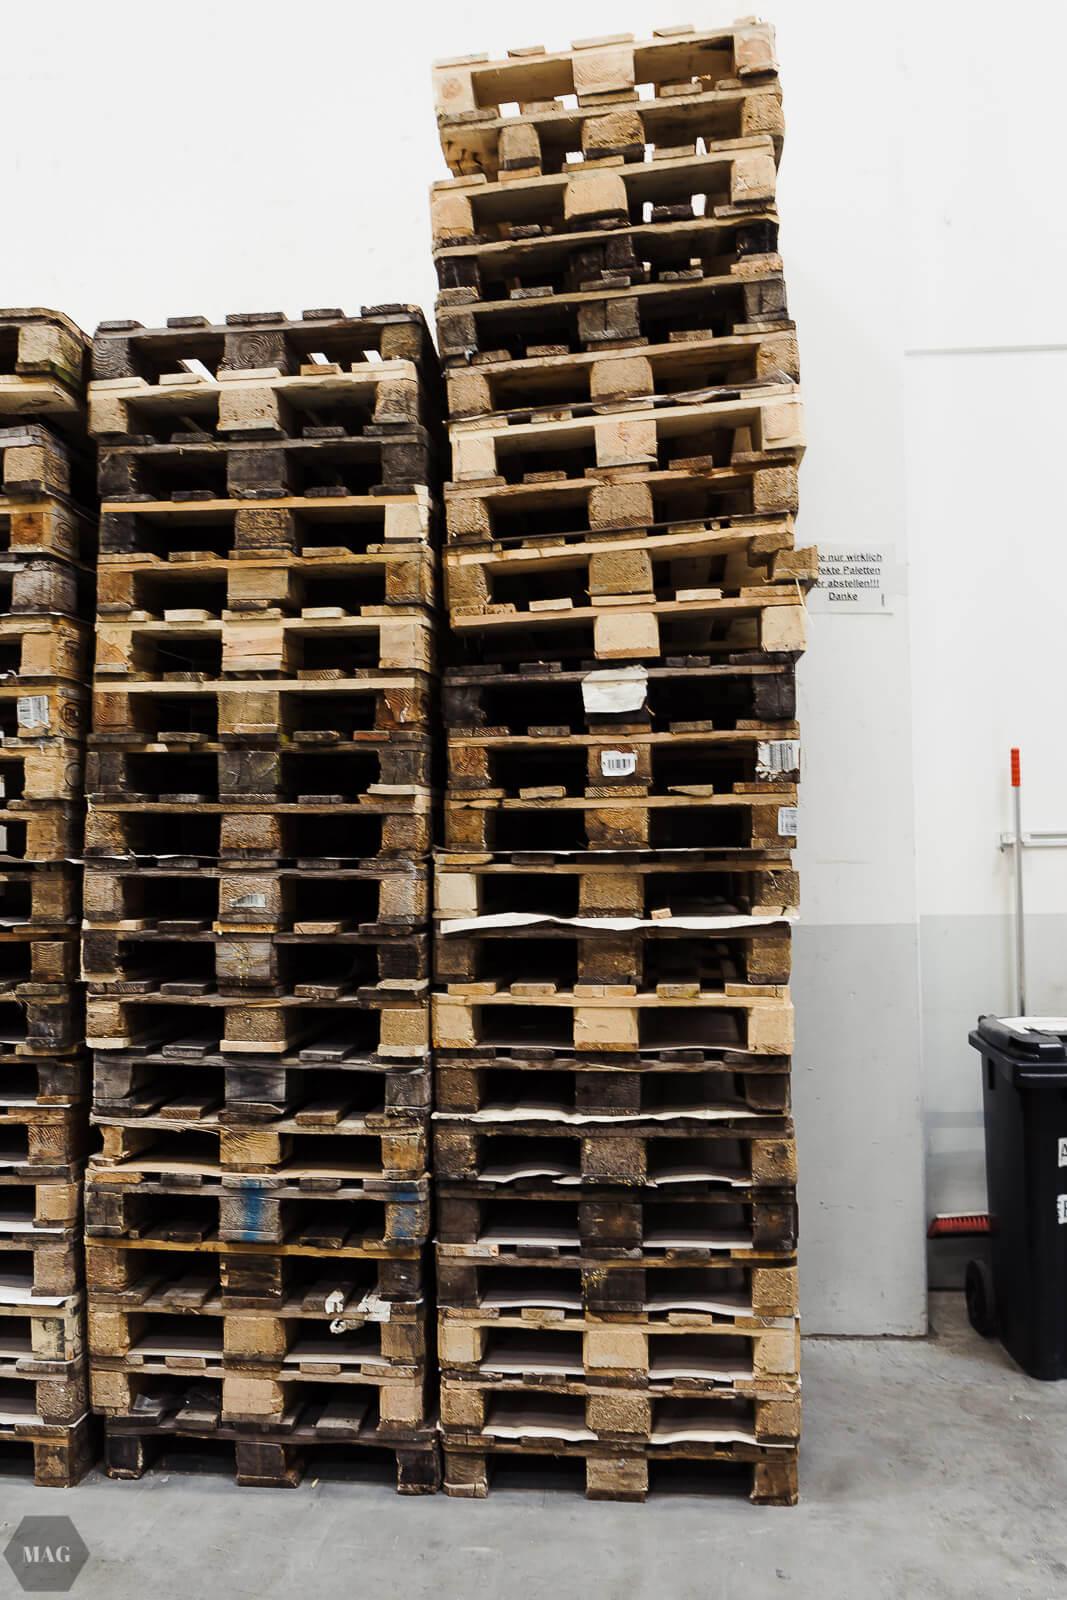 Davert, Bio-Pionier, Bio-Lebensmittel, Münster Firmen, Münsteraner Unternehmen, Davert Bio Lebensmittel, Davert Rundgang, Davert Besuch, Davert Lebensmittel, Bio Pionier Münsterland, Bio Lebensmittel Münster